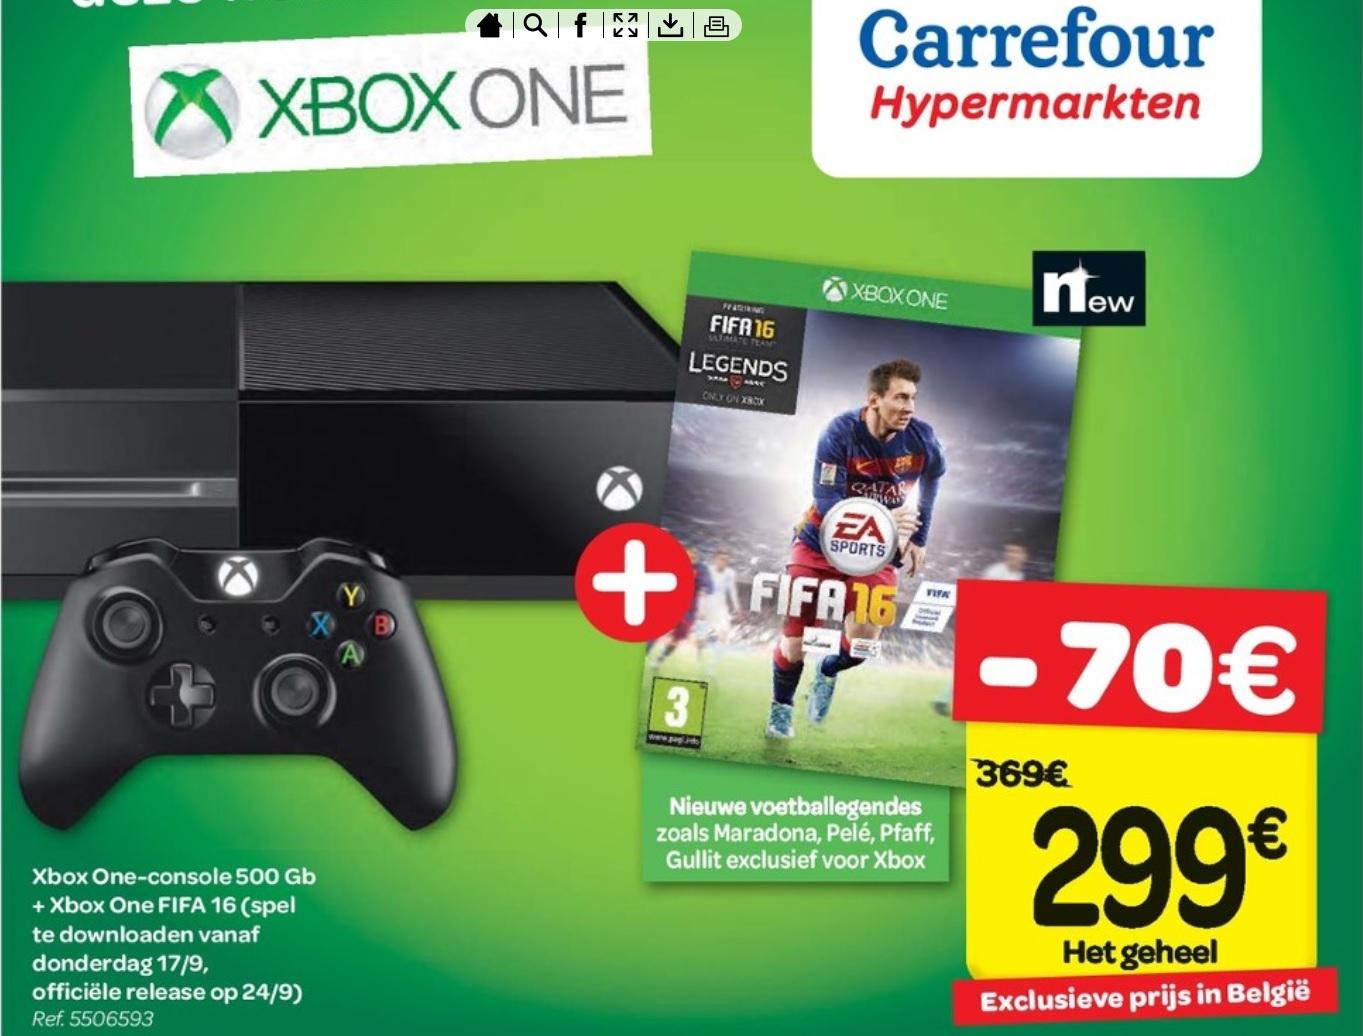 Xbox One 500GB + FIFA 16 Bundel voor €299 @ Carrefour (Belgie)